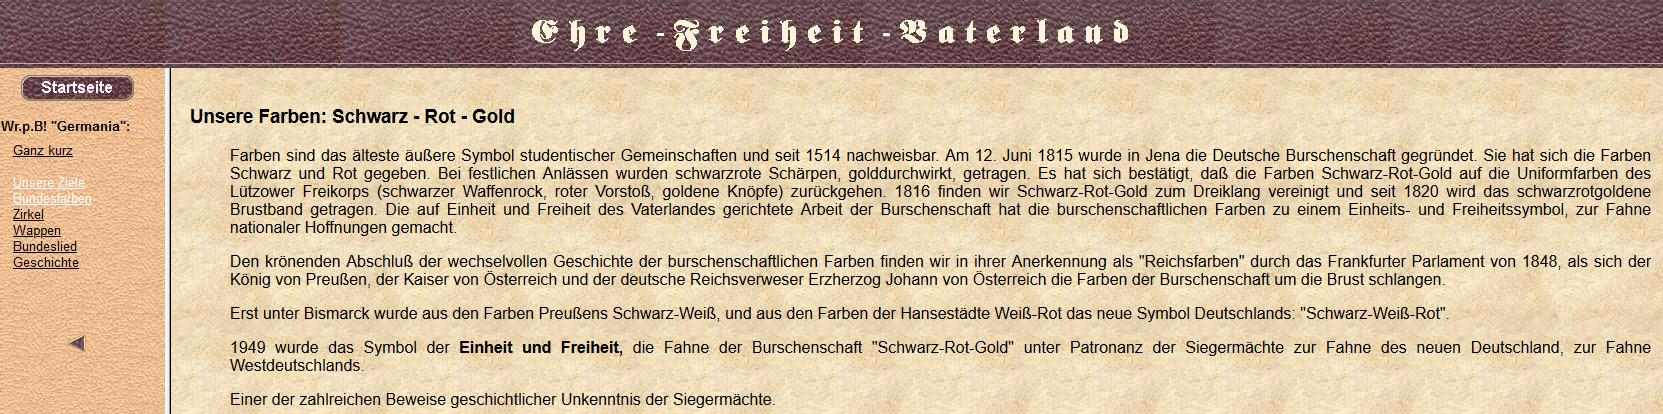 über die Bundesfarben der pB Germania Wien: Schwarz-Rot-Gold (Screenshot Website Germania Wien, 2019)